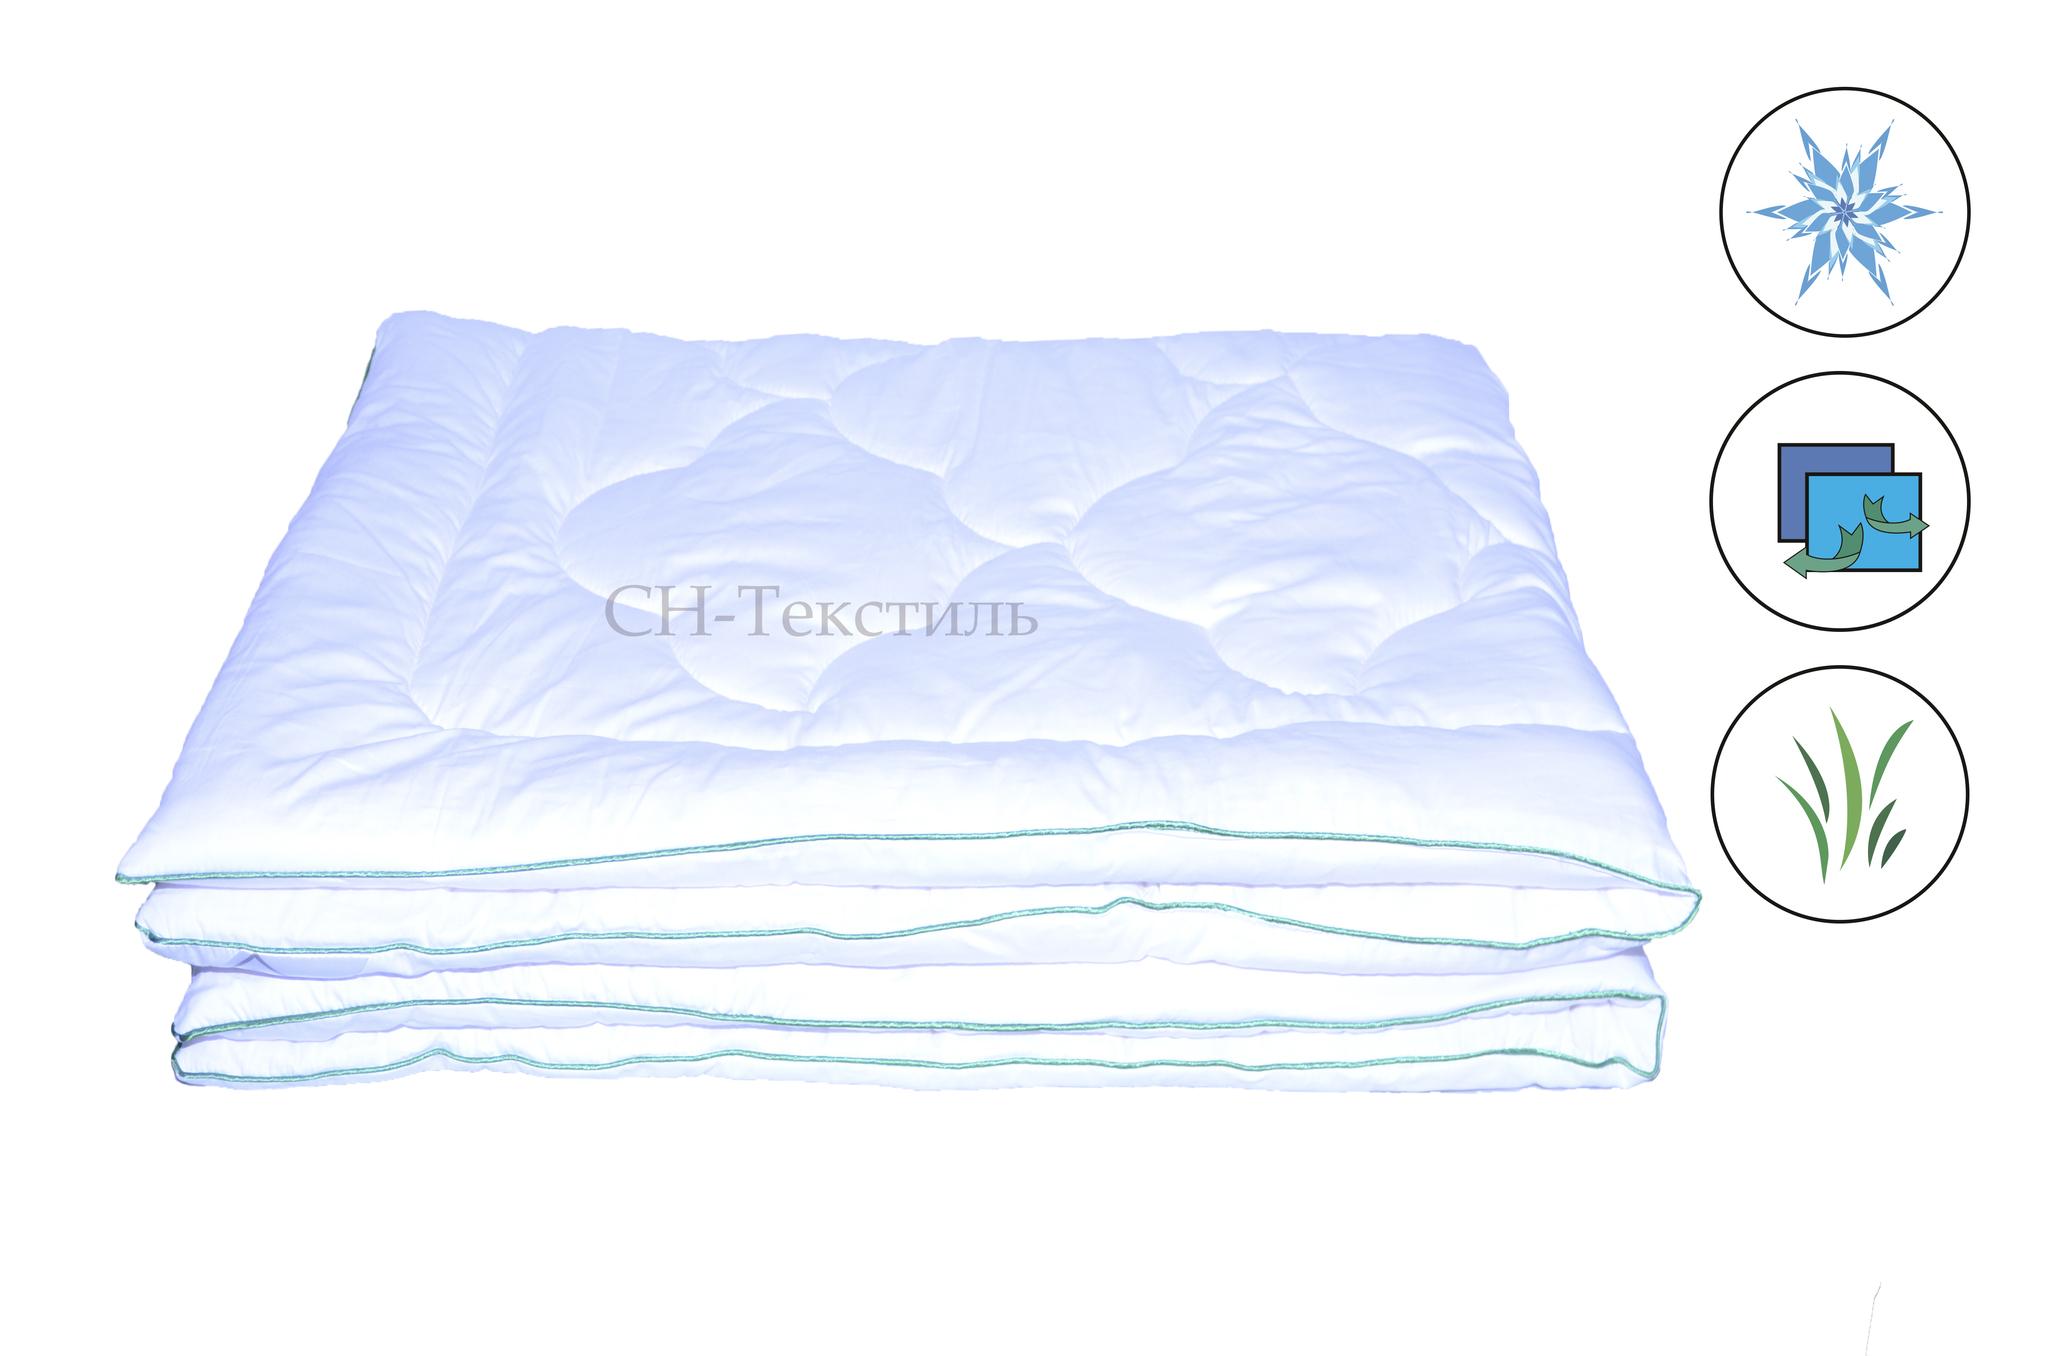 Одеяла Одеяло Коллекции Бамбуковая жемчужина Теплое. бамбуковая_жемчужинка_одеяло_зимнее.jpg